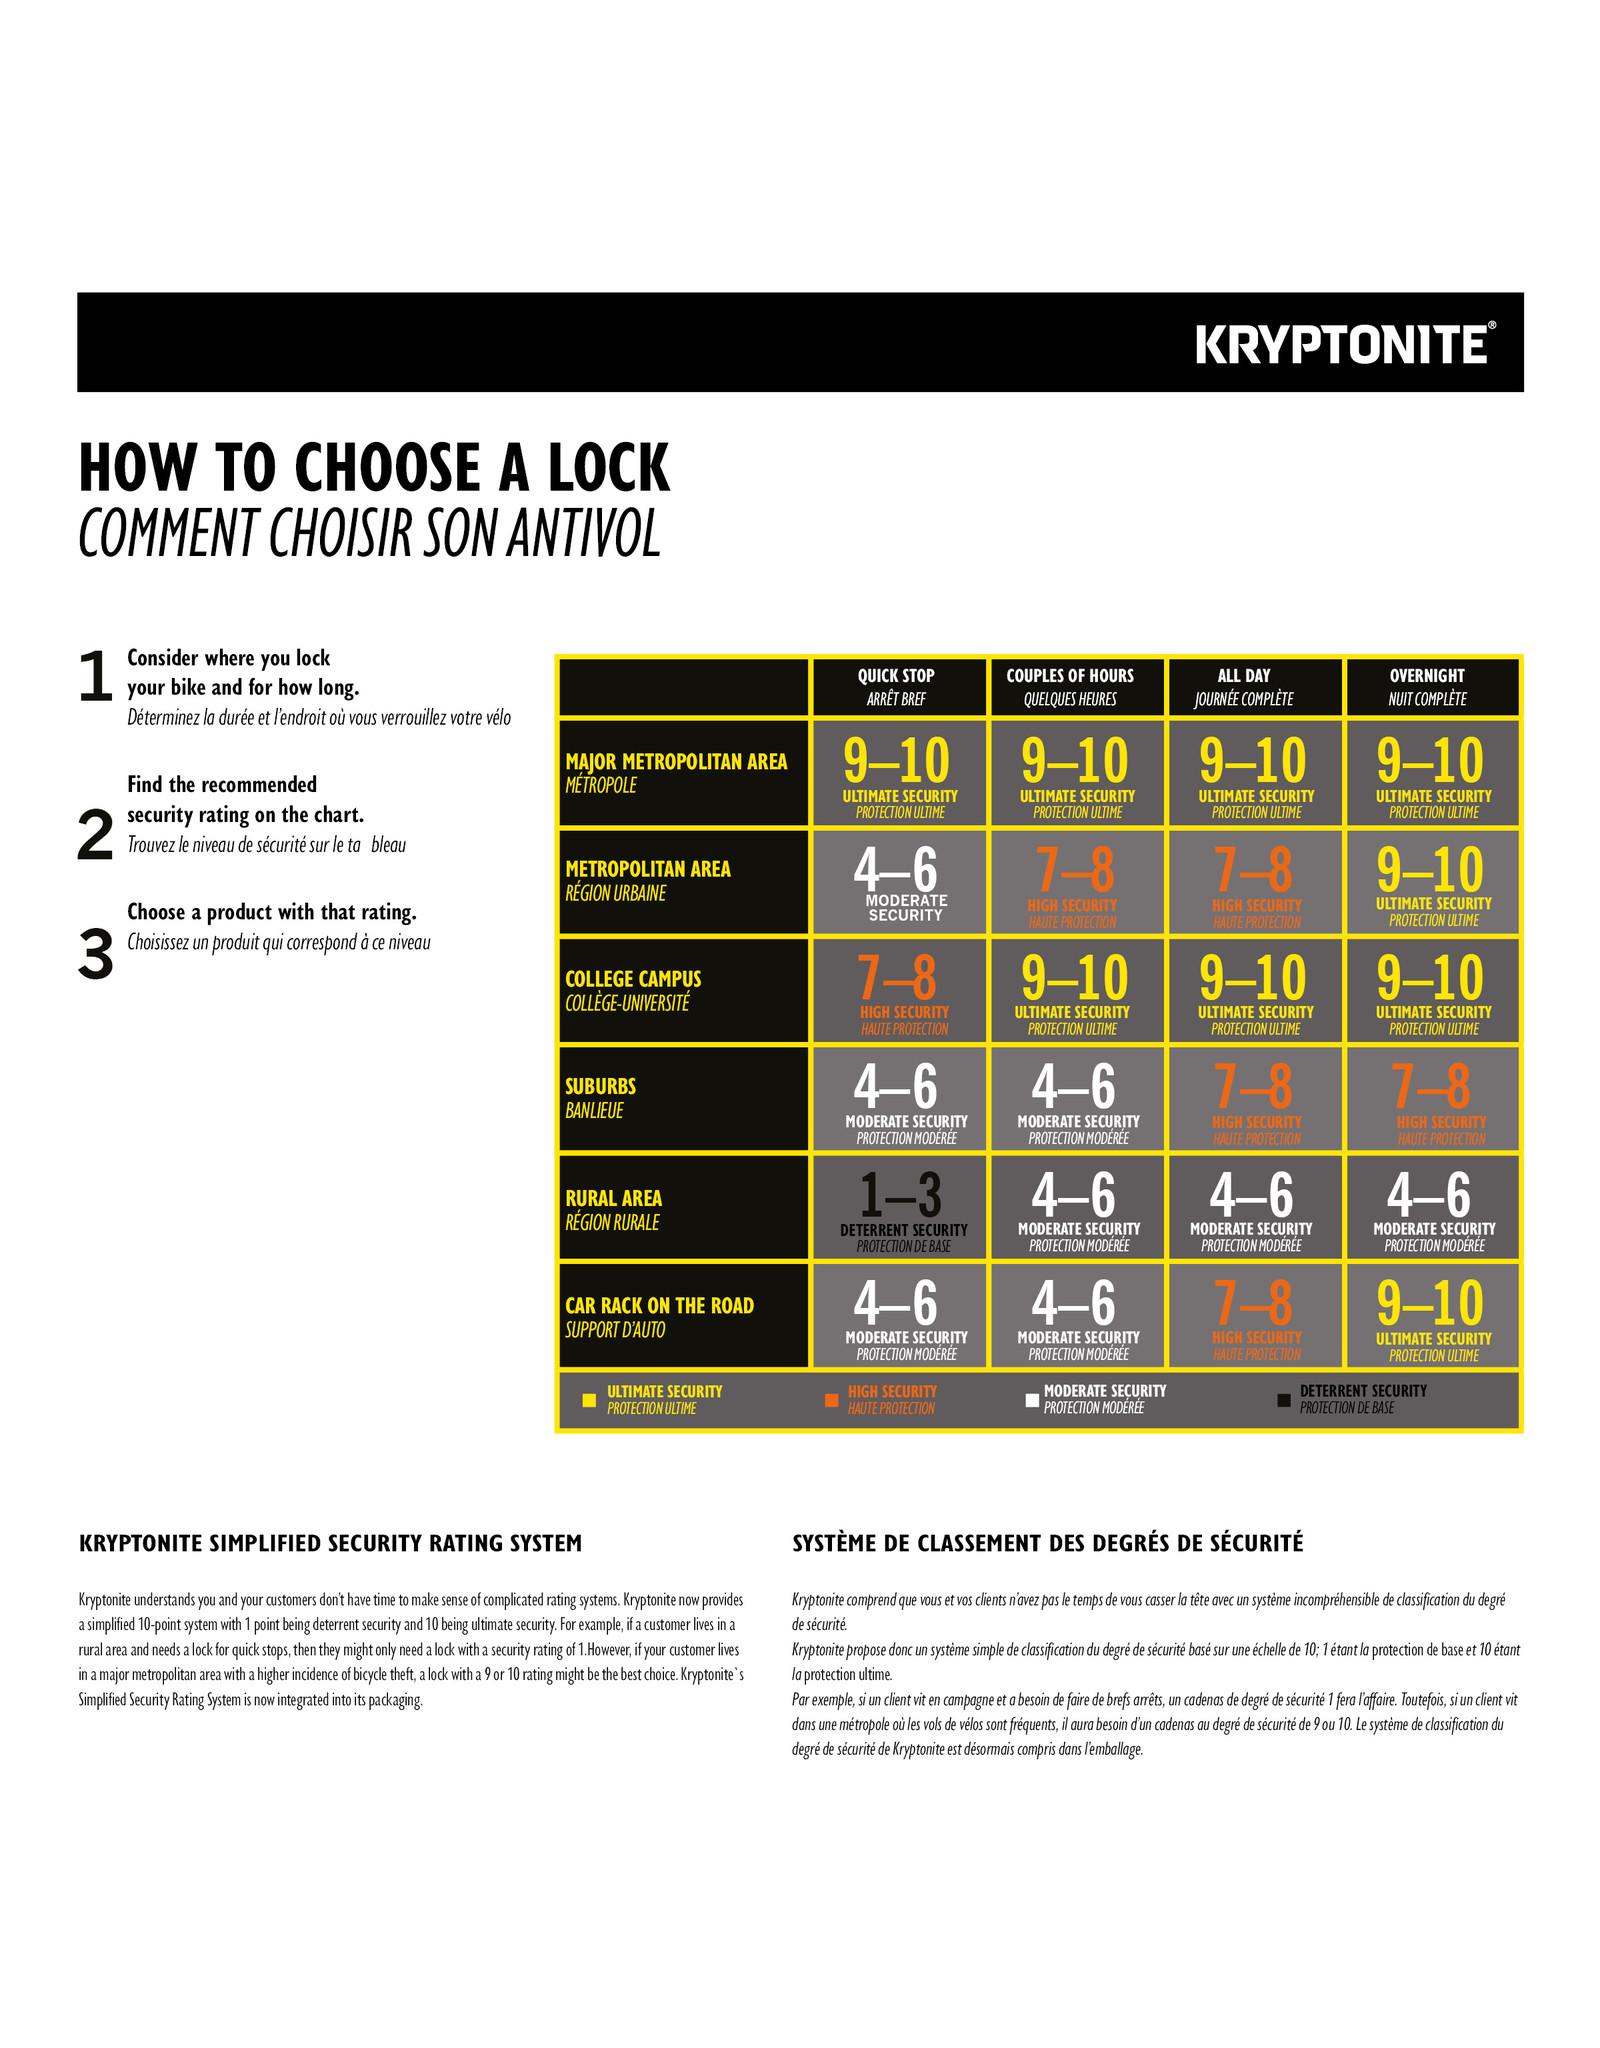 Kryptonite KRYPTOLOK STD & FLEX CABLE 4 'AV / SUPPORT F-FRAME